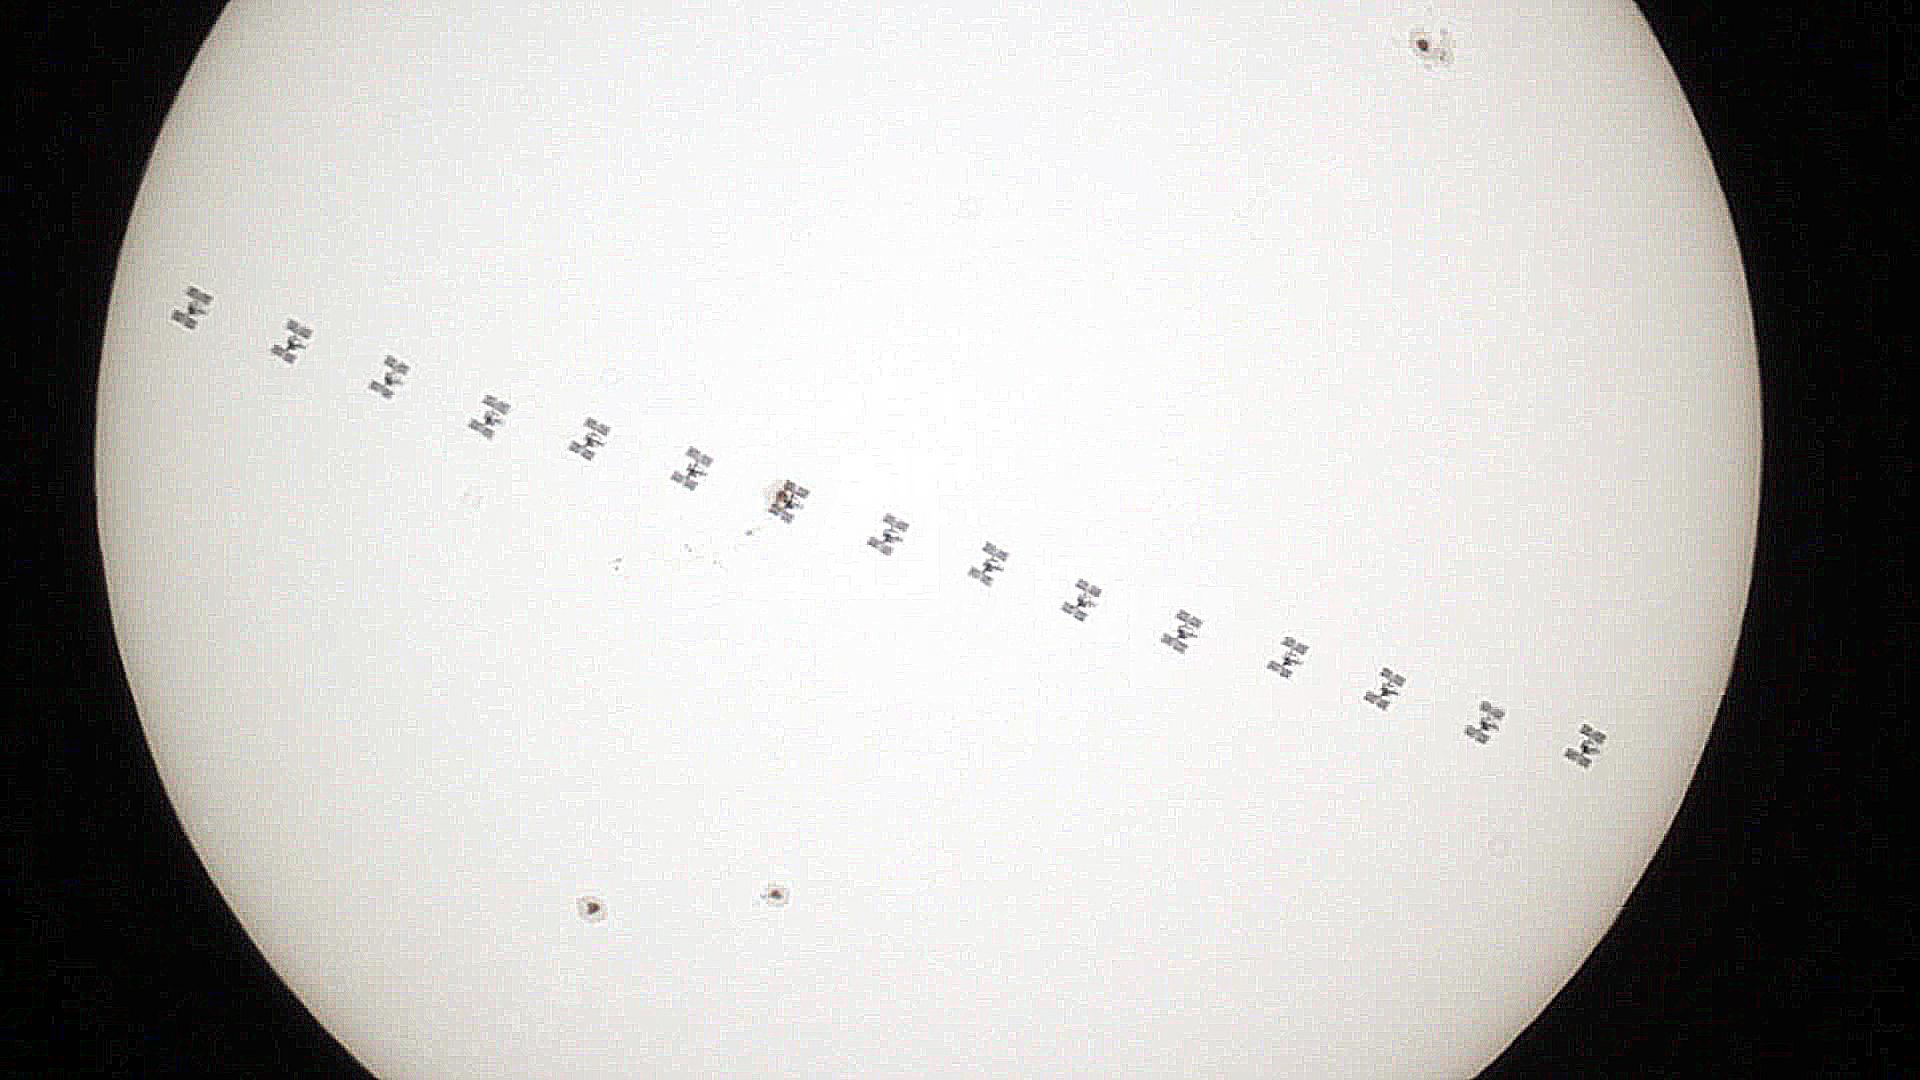 ISS per davant del sol 57